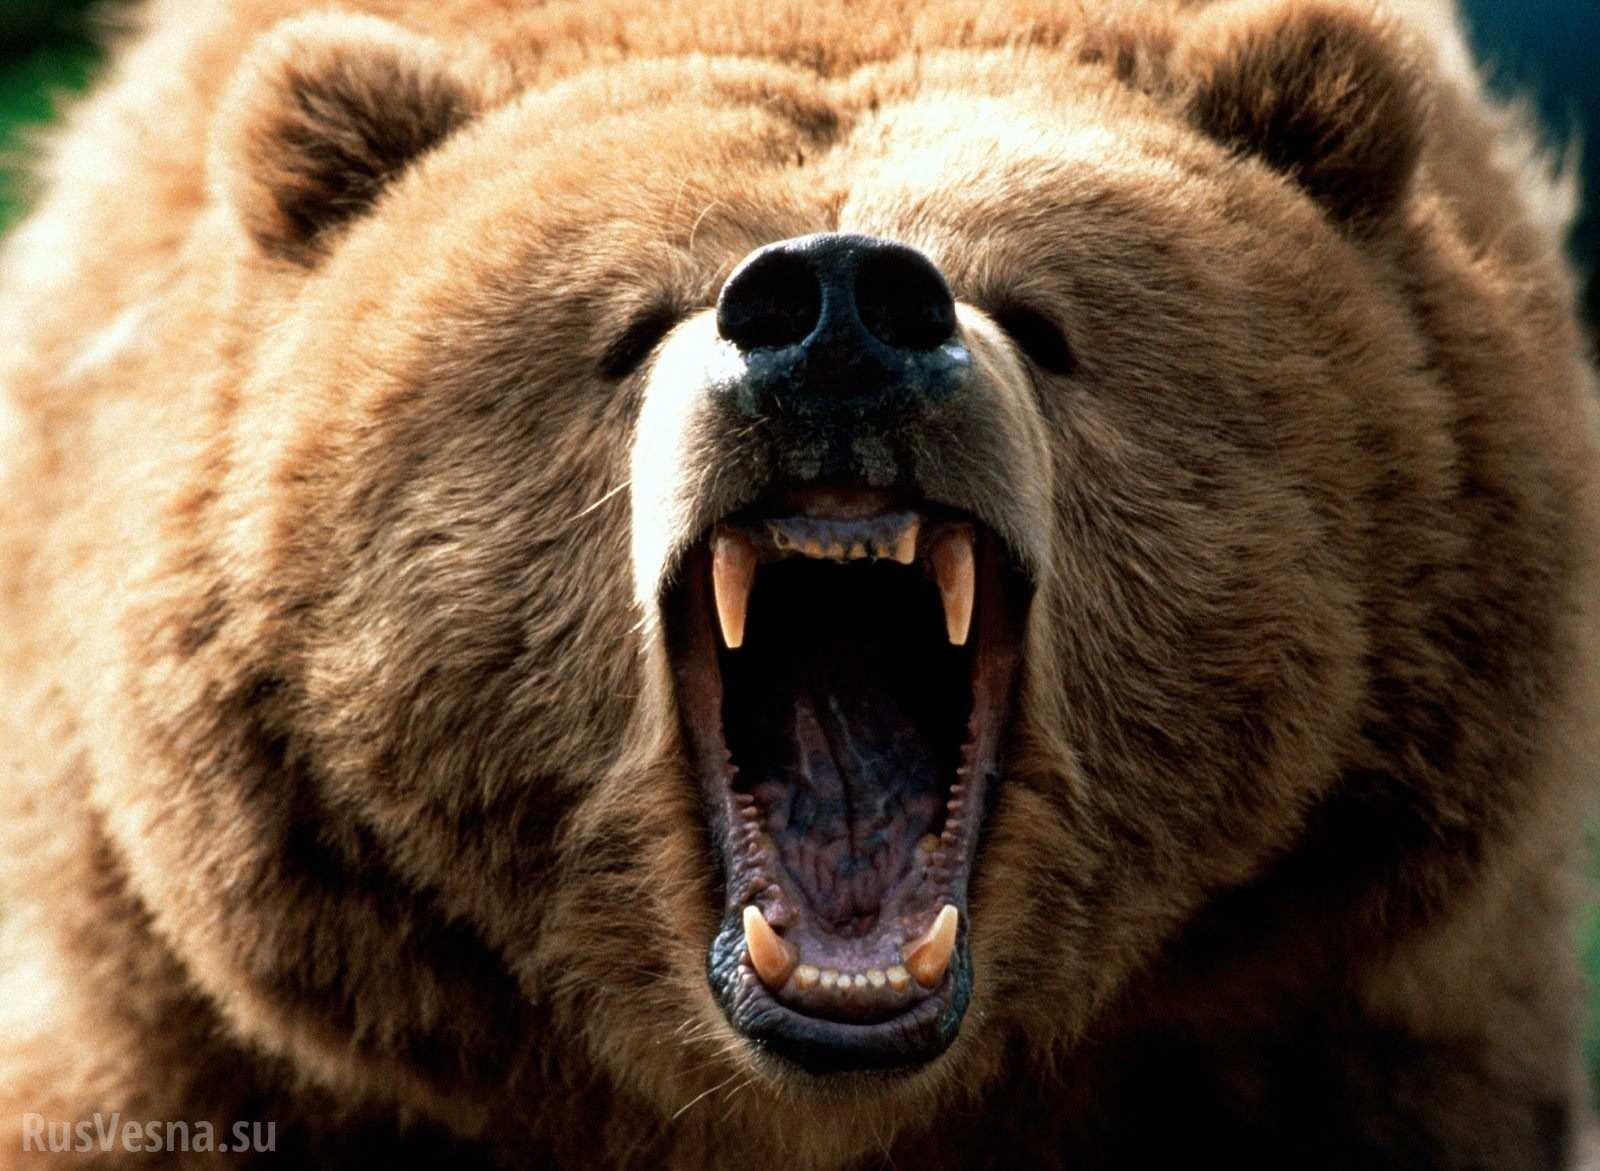 ВБелой Церкви цирковой медведь напал на наблюдателей